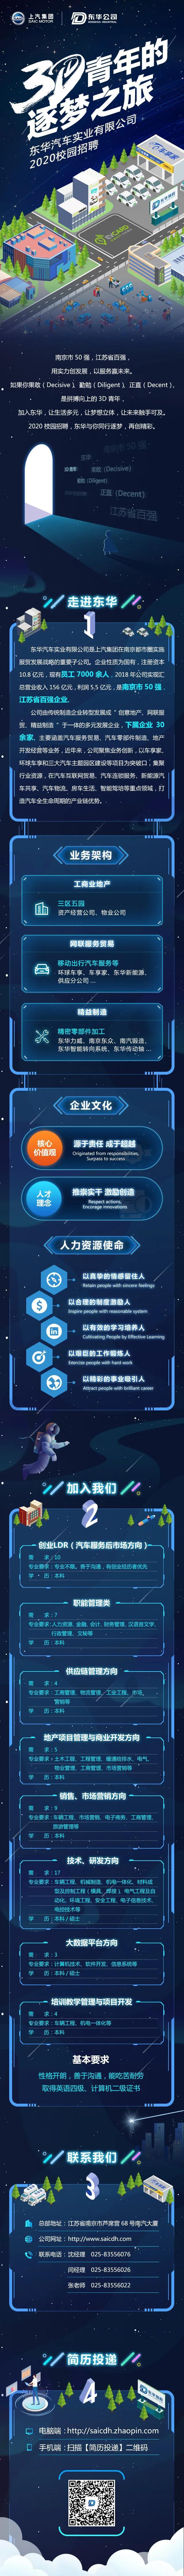 上汽集团东华汽车实业有限公司2020校院